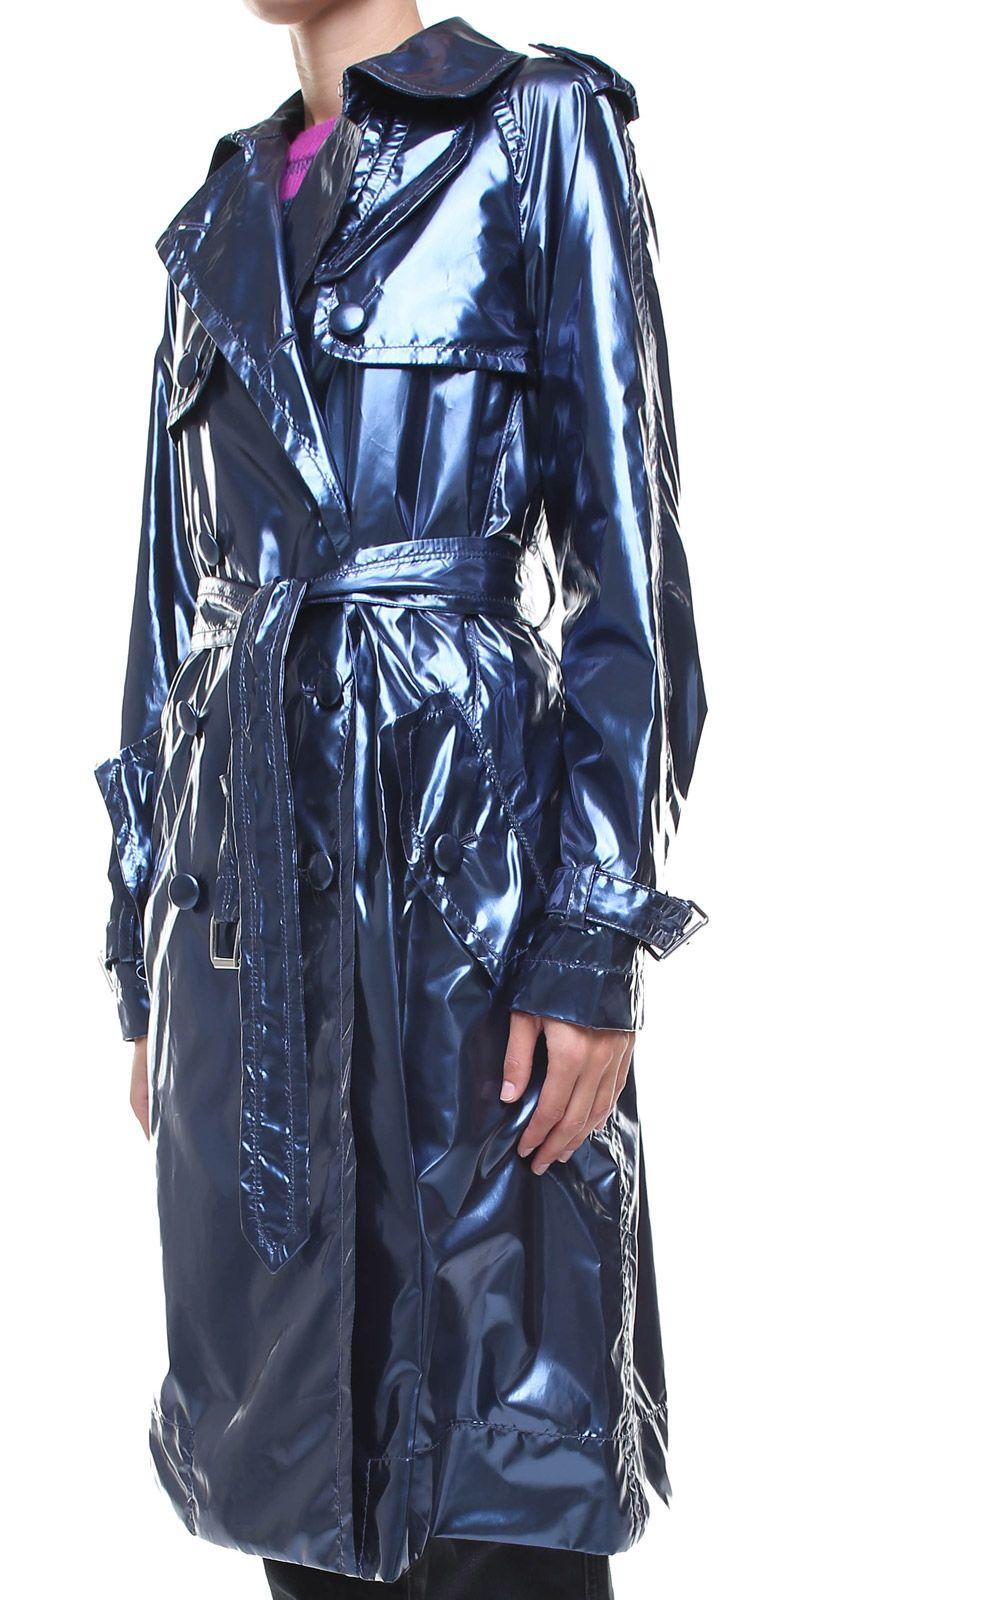 Marc Jacobs Marc Jacobs Belted Metallic Vinyl Trench Coat